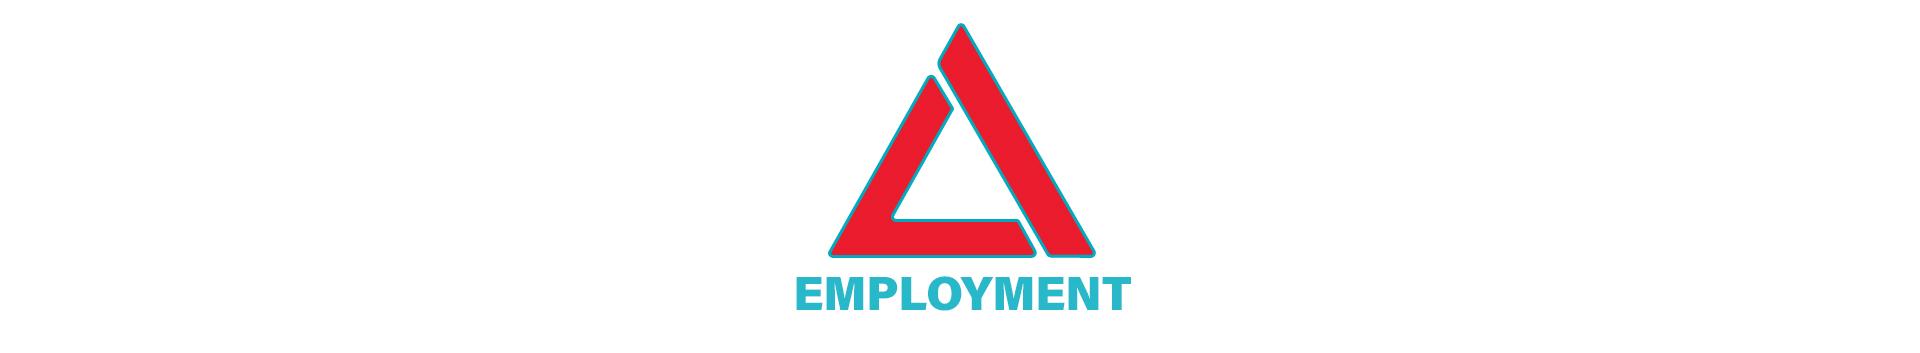 activekidz employment